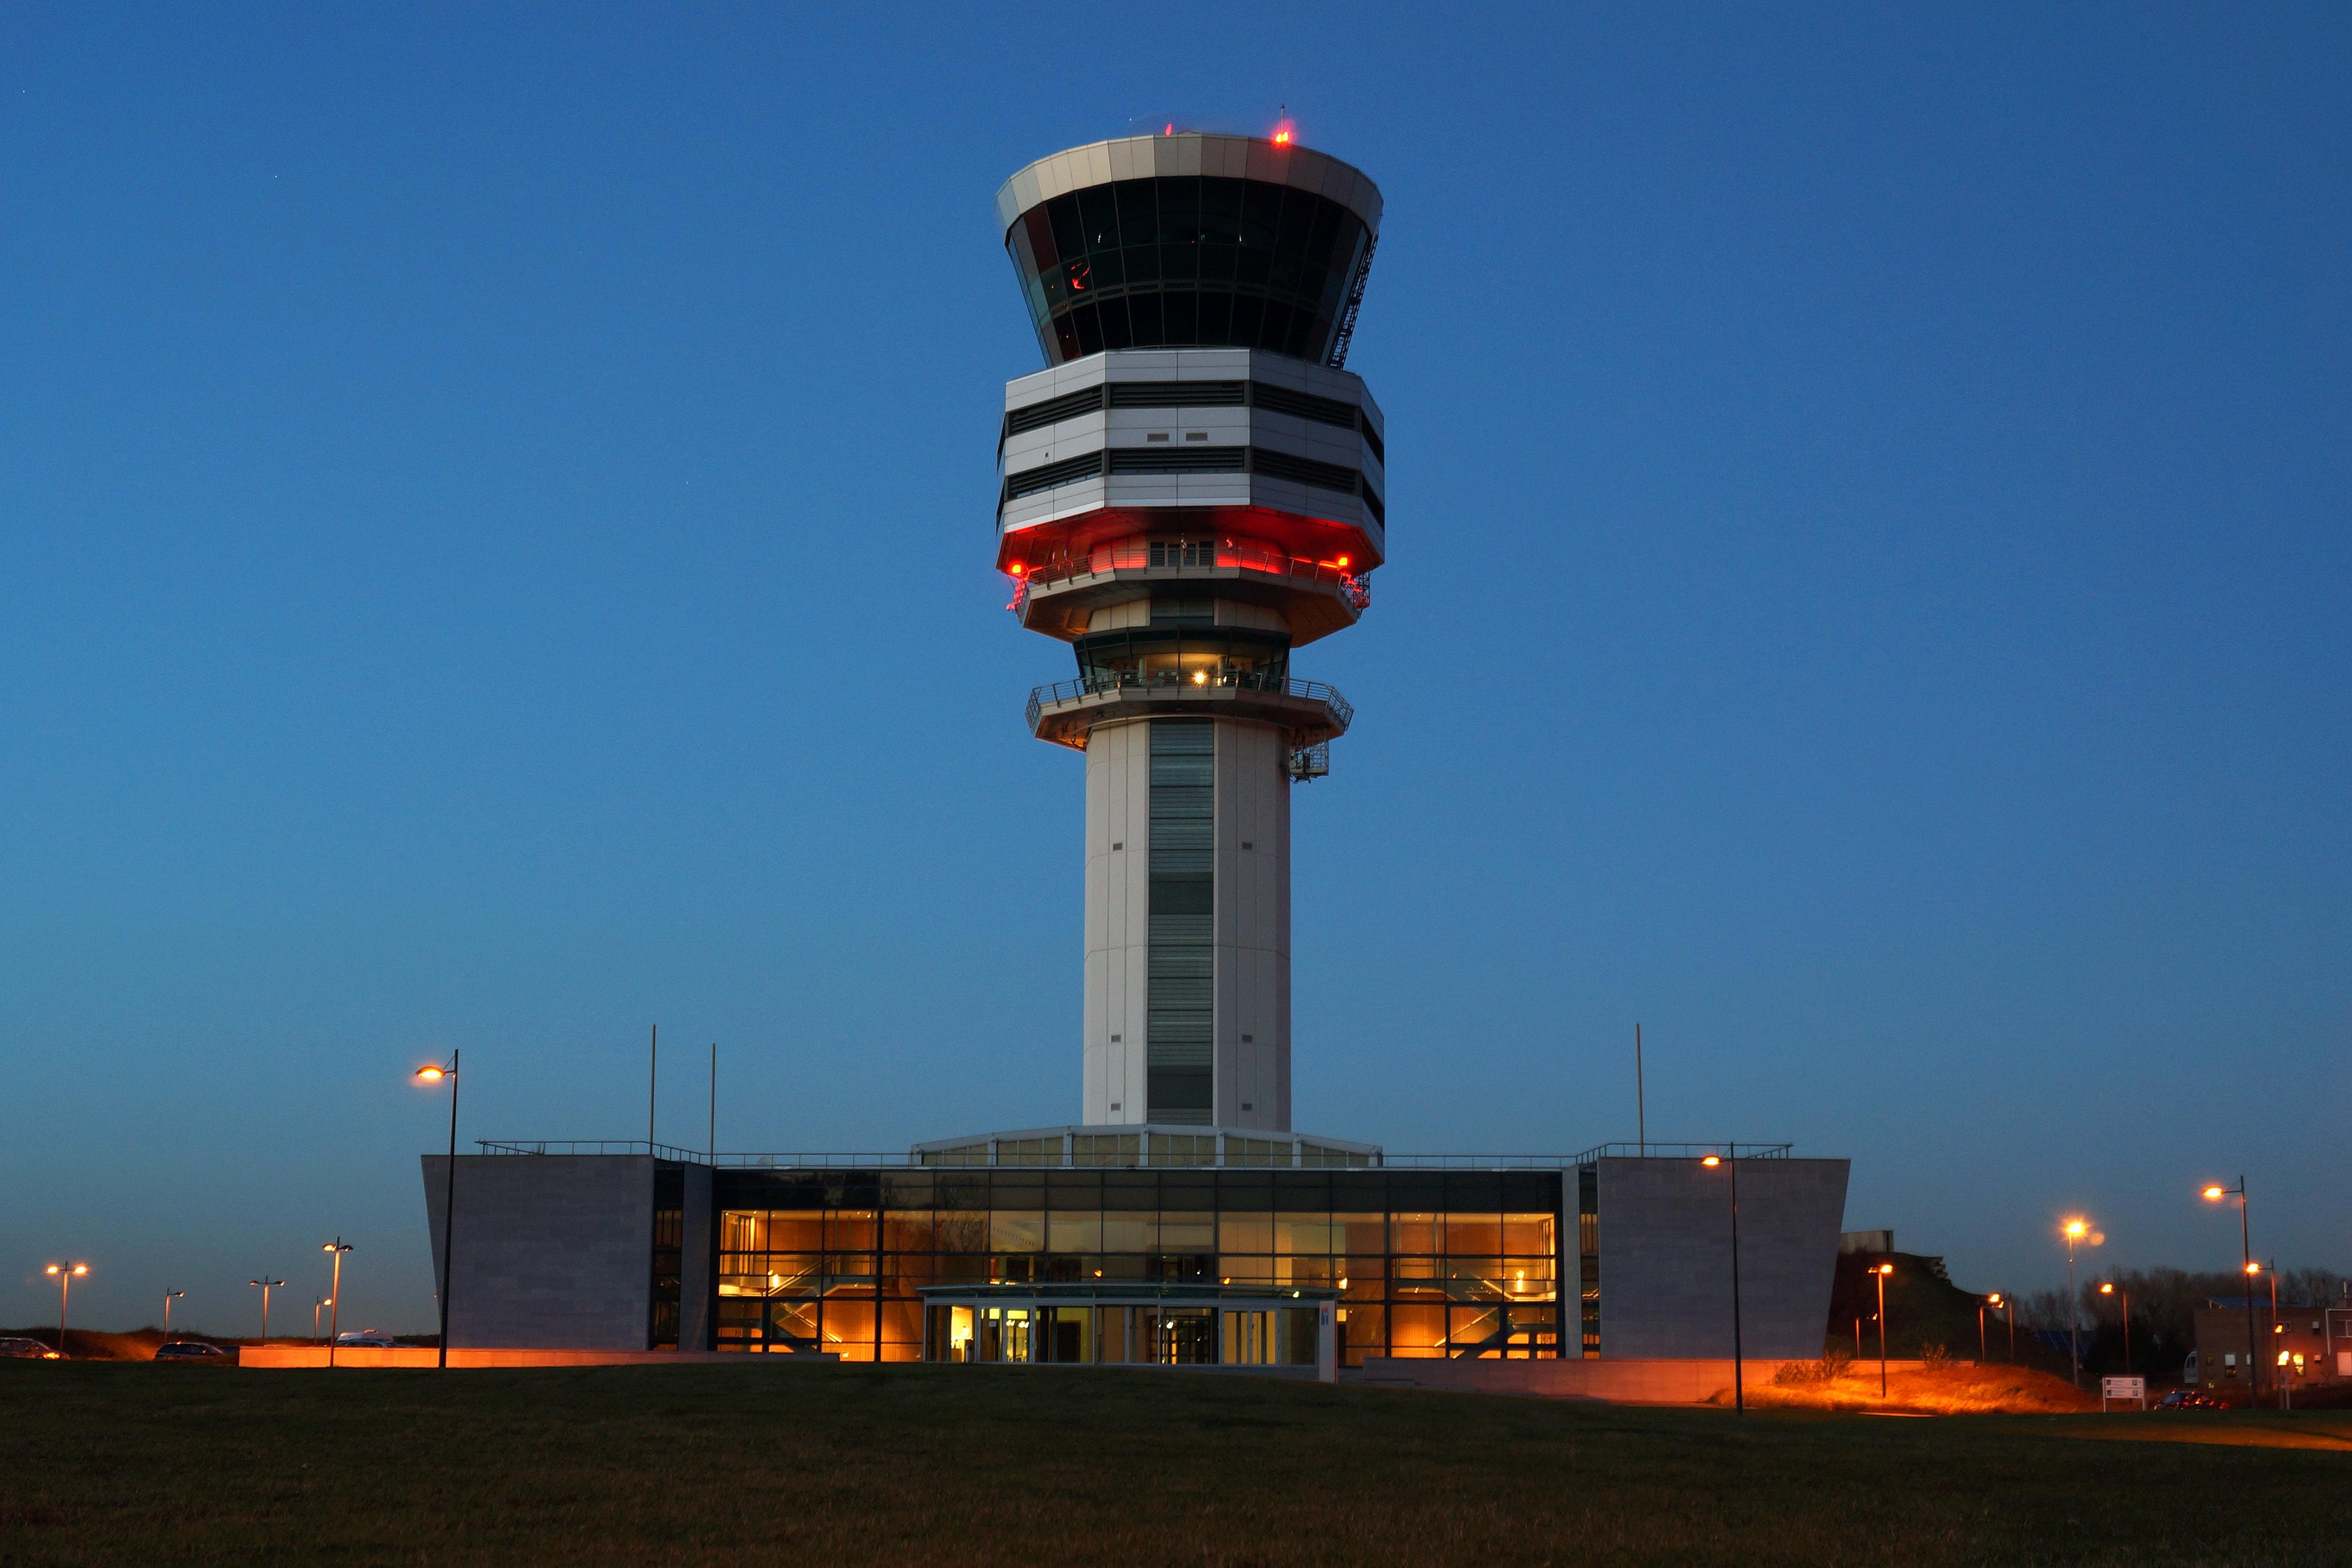 Verkerstorren Brussels Airport